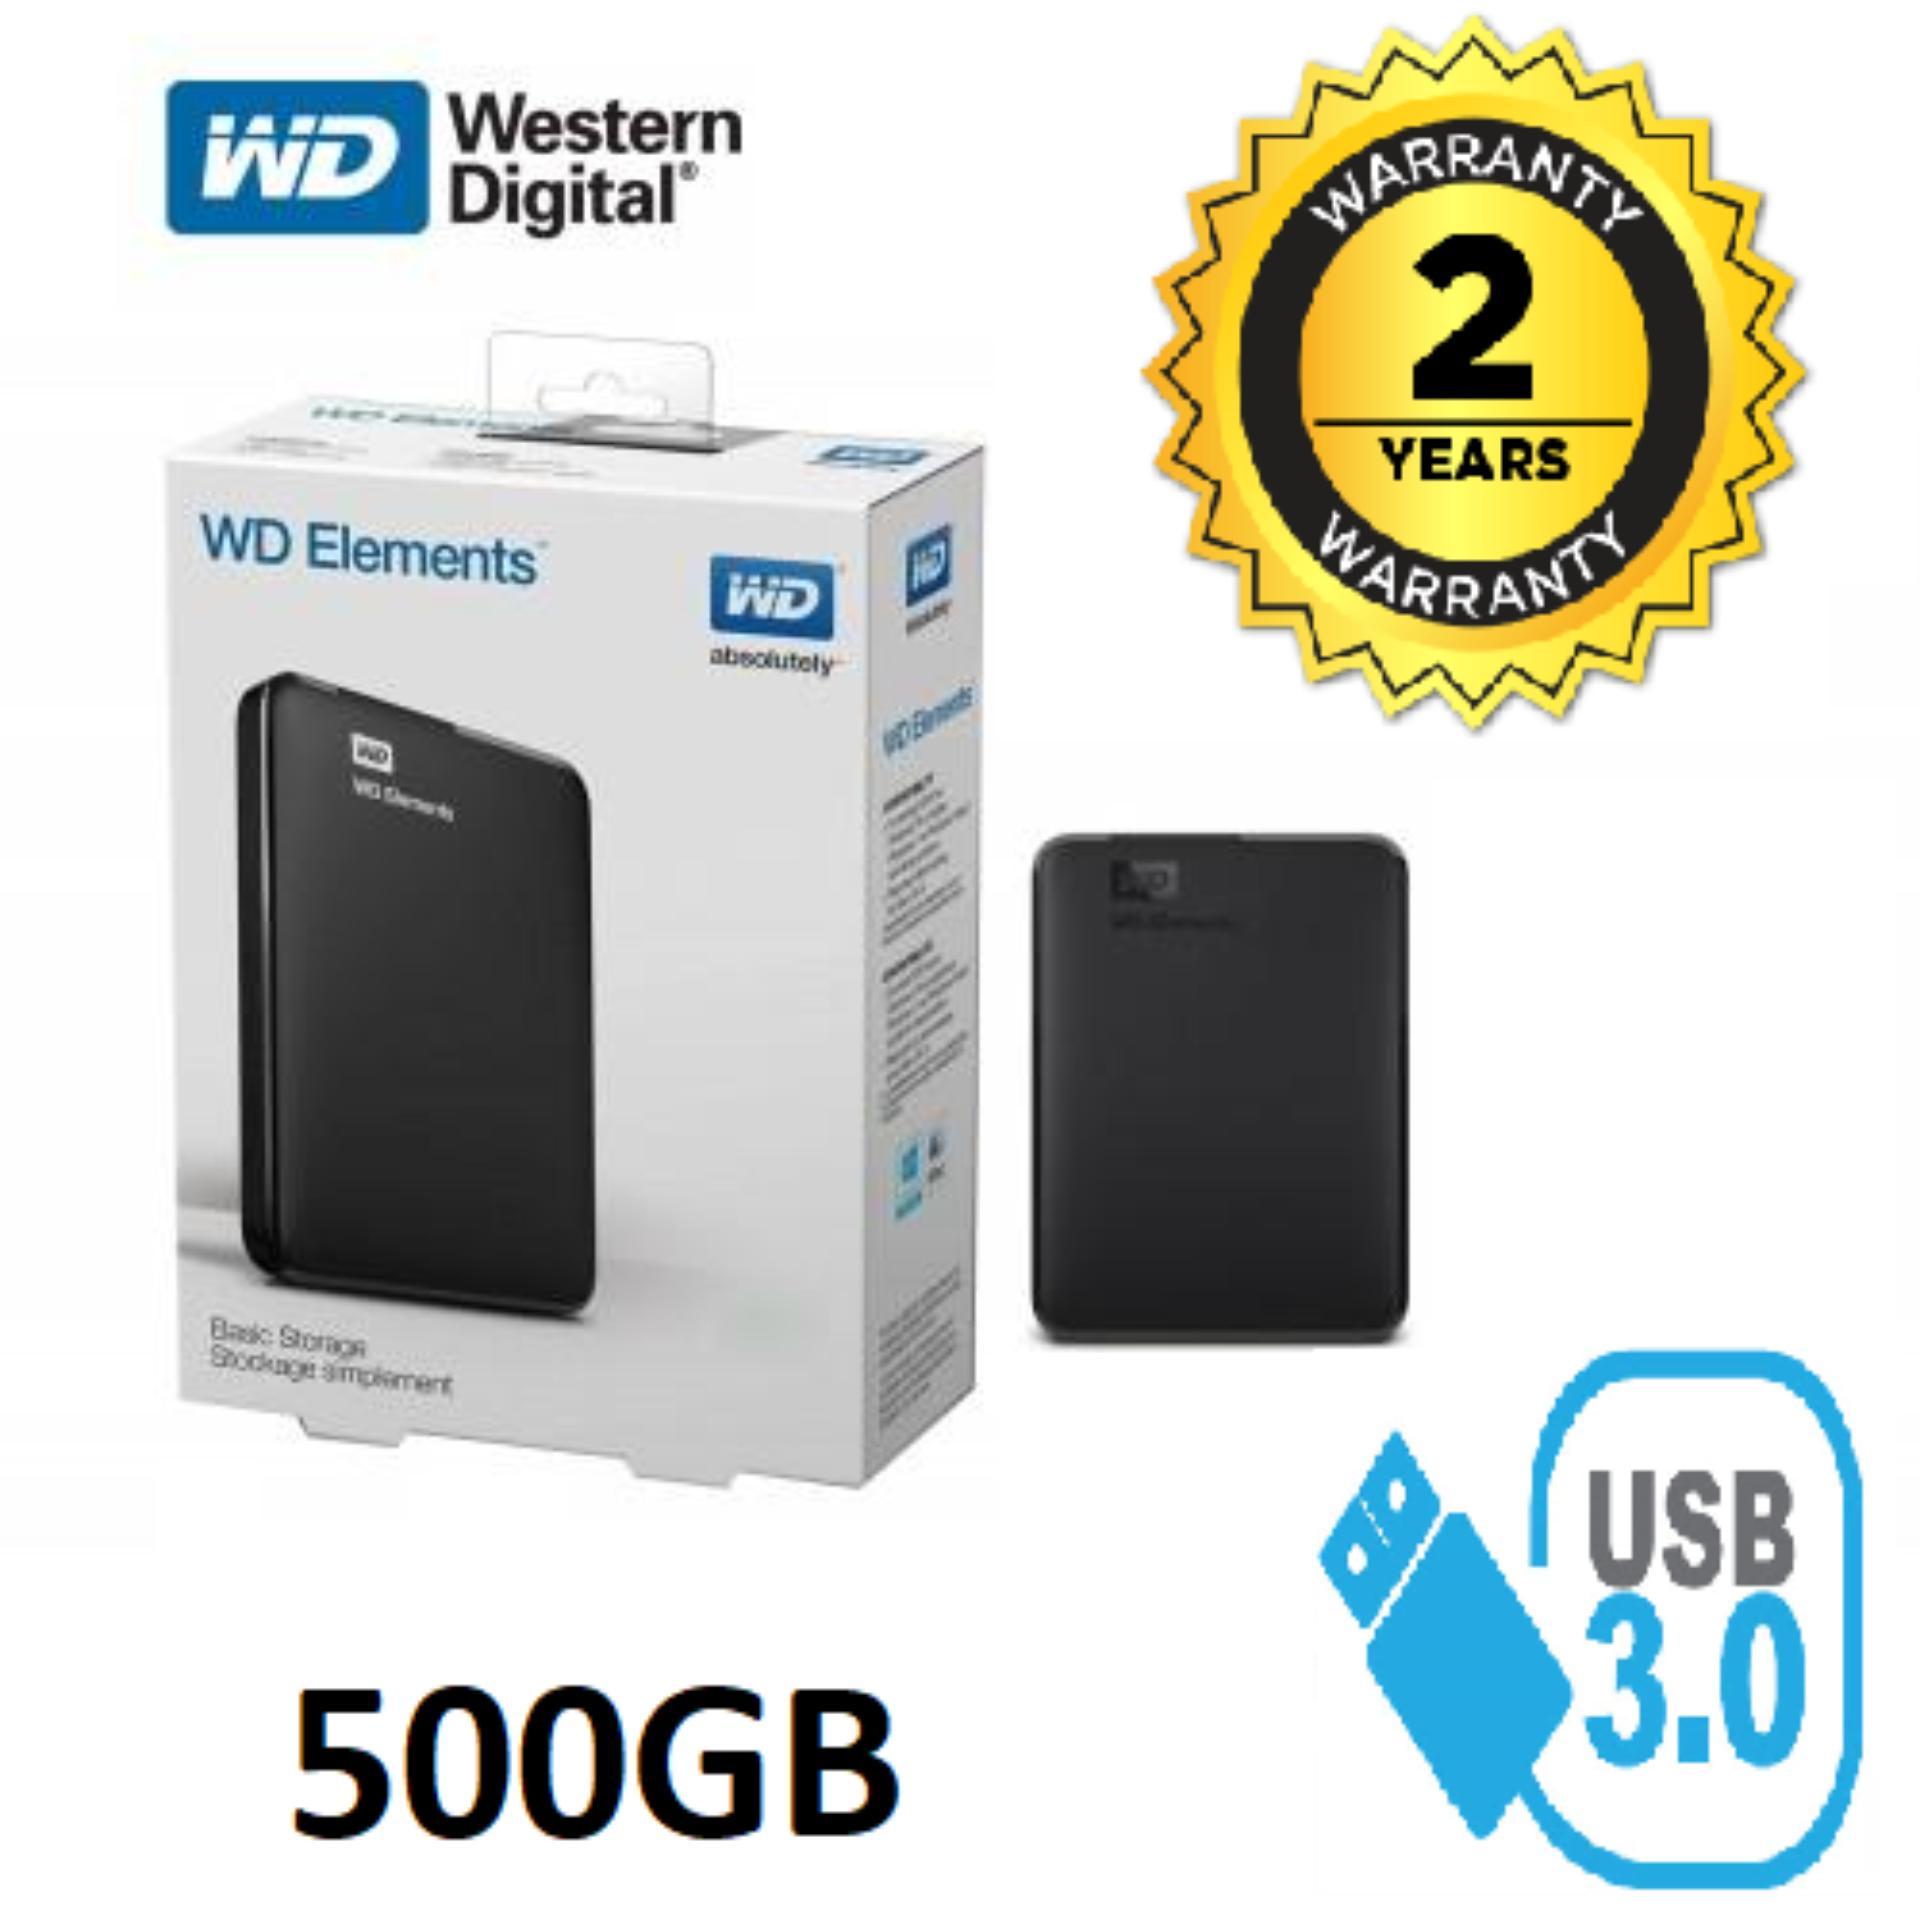 Ổ Cứng Di Động 500GB 3.0 Western Elements - Bảo Hành 24 Tháng 1 đổi 1 - Tặng Túi Chống Sốc Bất Ngờ Ưu Đãi Giá